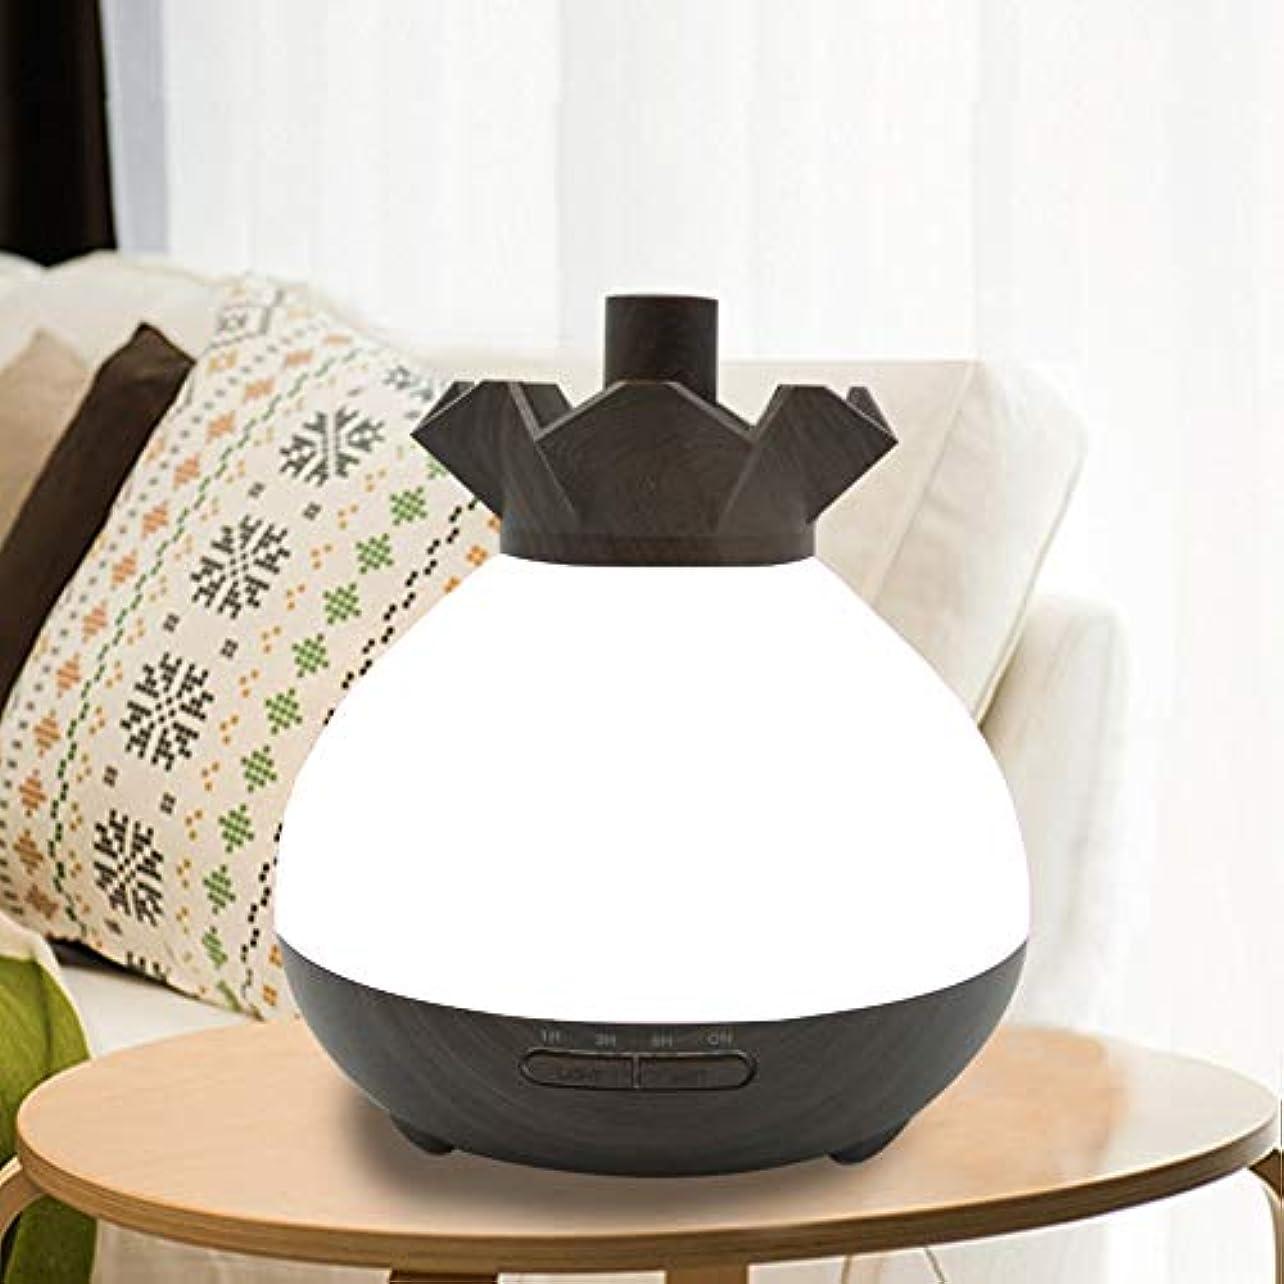 所得振る受信Wifiアプリコントロール 涼しい霧 加湿器,7 色 木目 空気を浄化 加湿機 プレミアム サイレント 精油 ディフューザー アロマネブライザー ベッド- 400ml